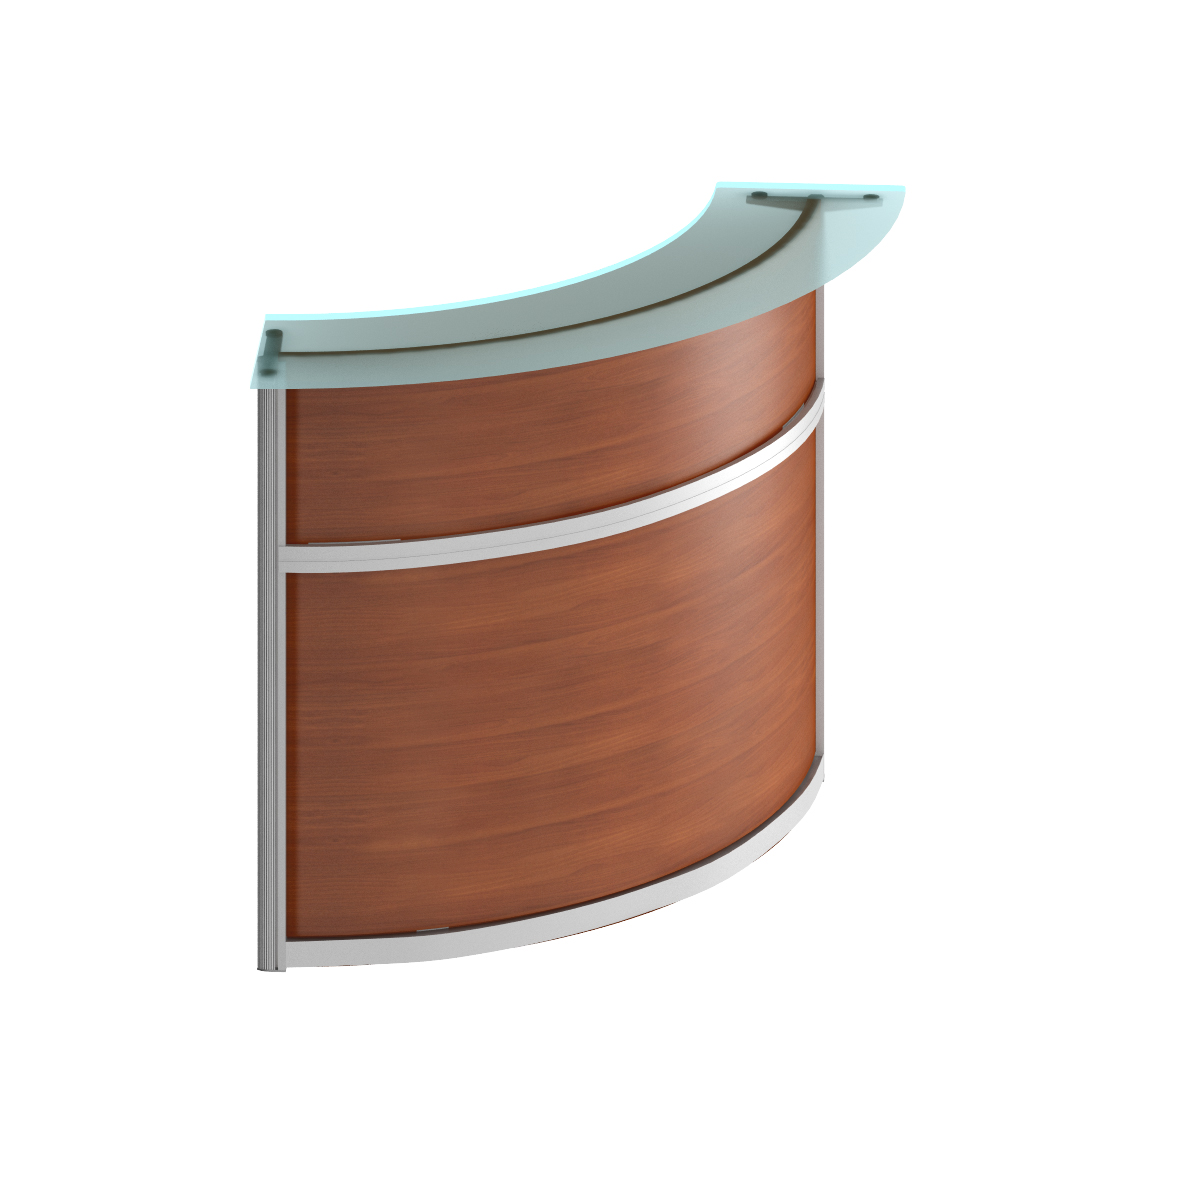 Модуль стойки ресепшн со стеклом 90 градусов изогнутой наружу (без опор)